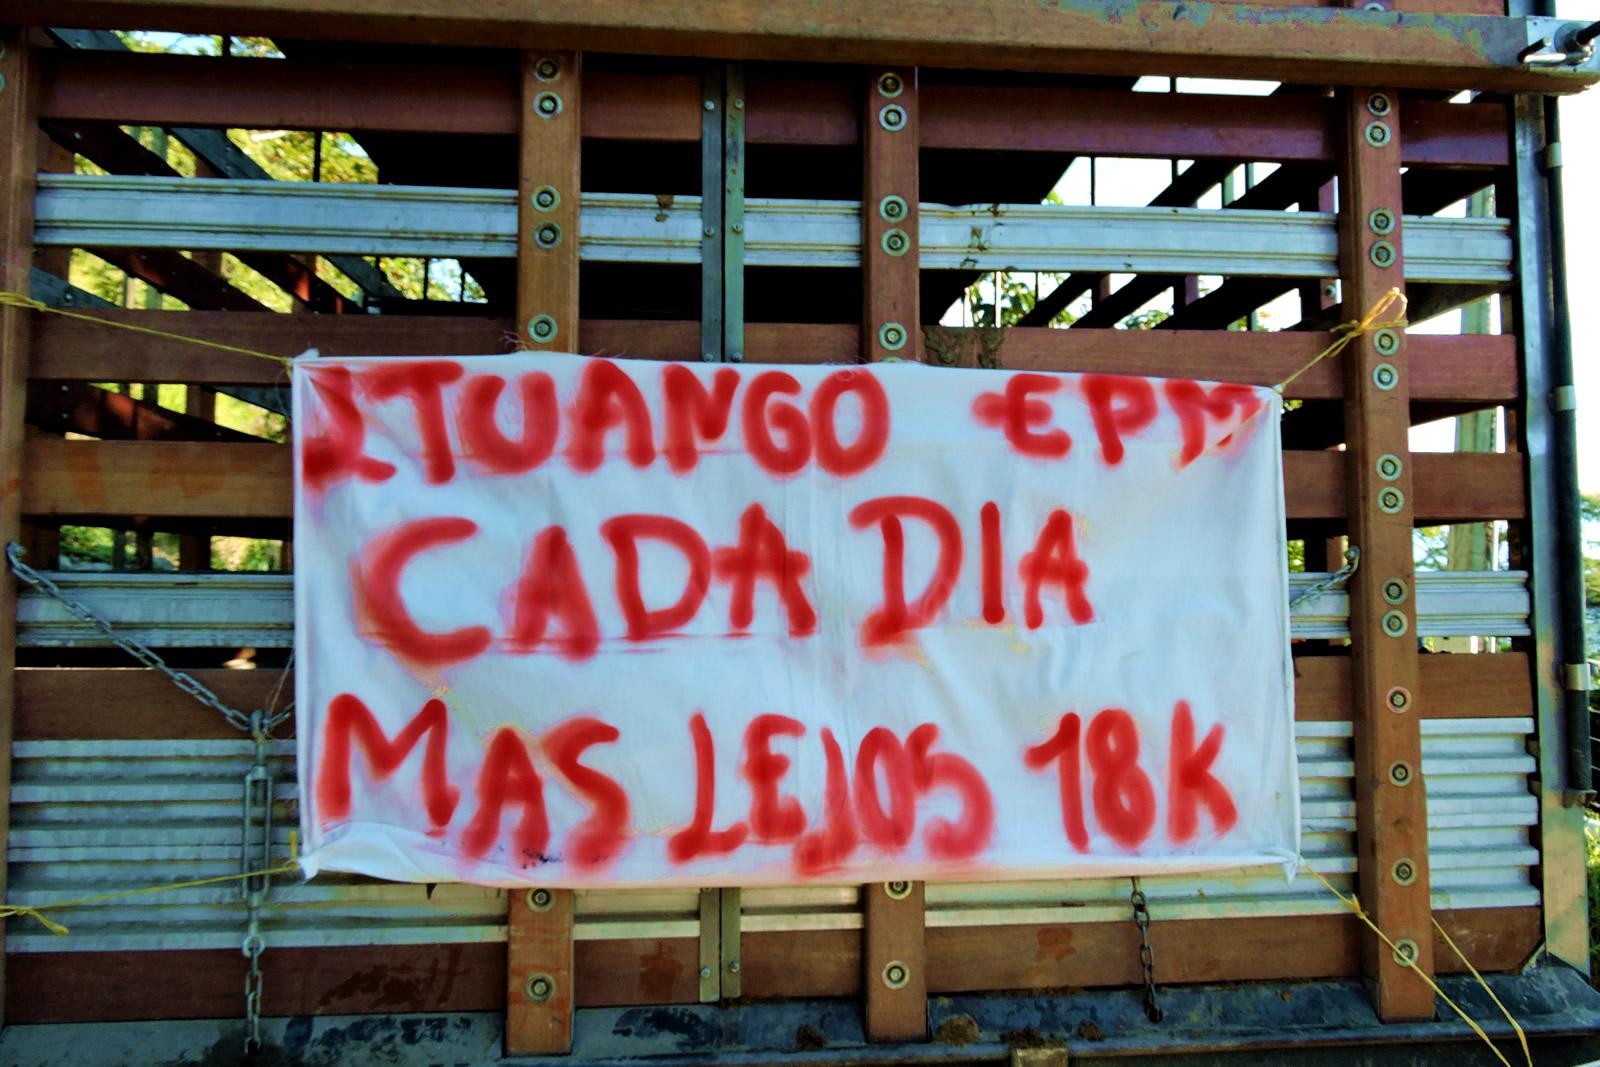 reportajes/antioquia/el-lio-entre-los-transportadores-y-epm-por-la-entrada-a-ituango